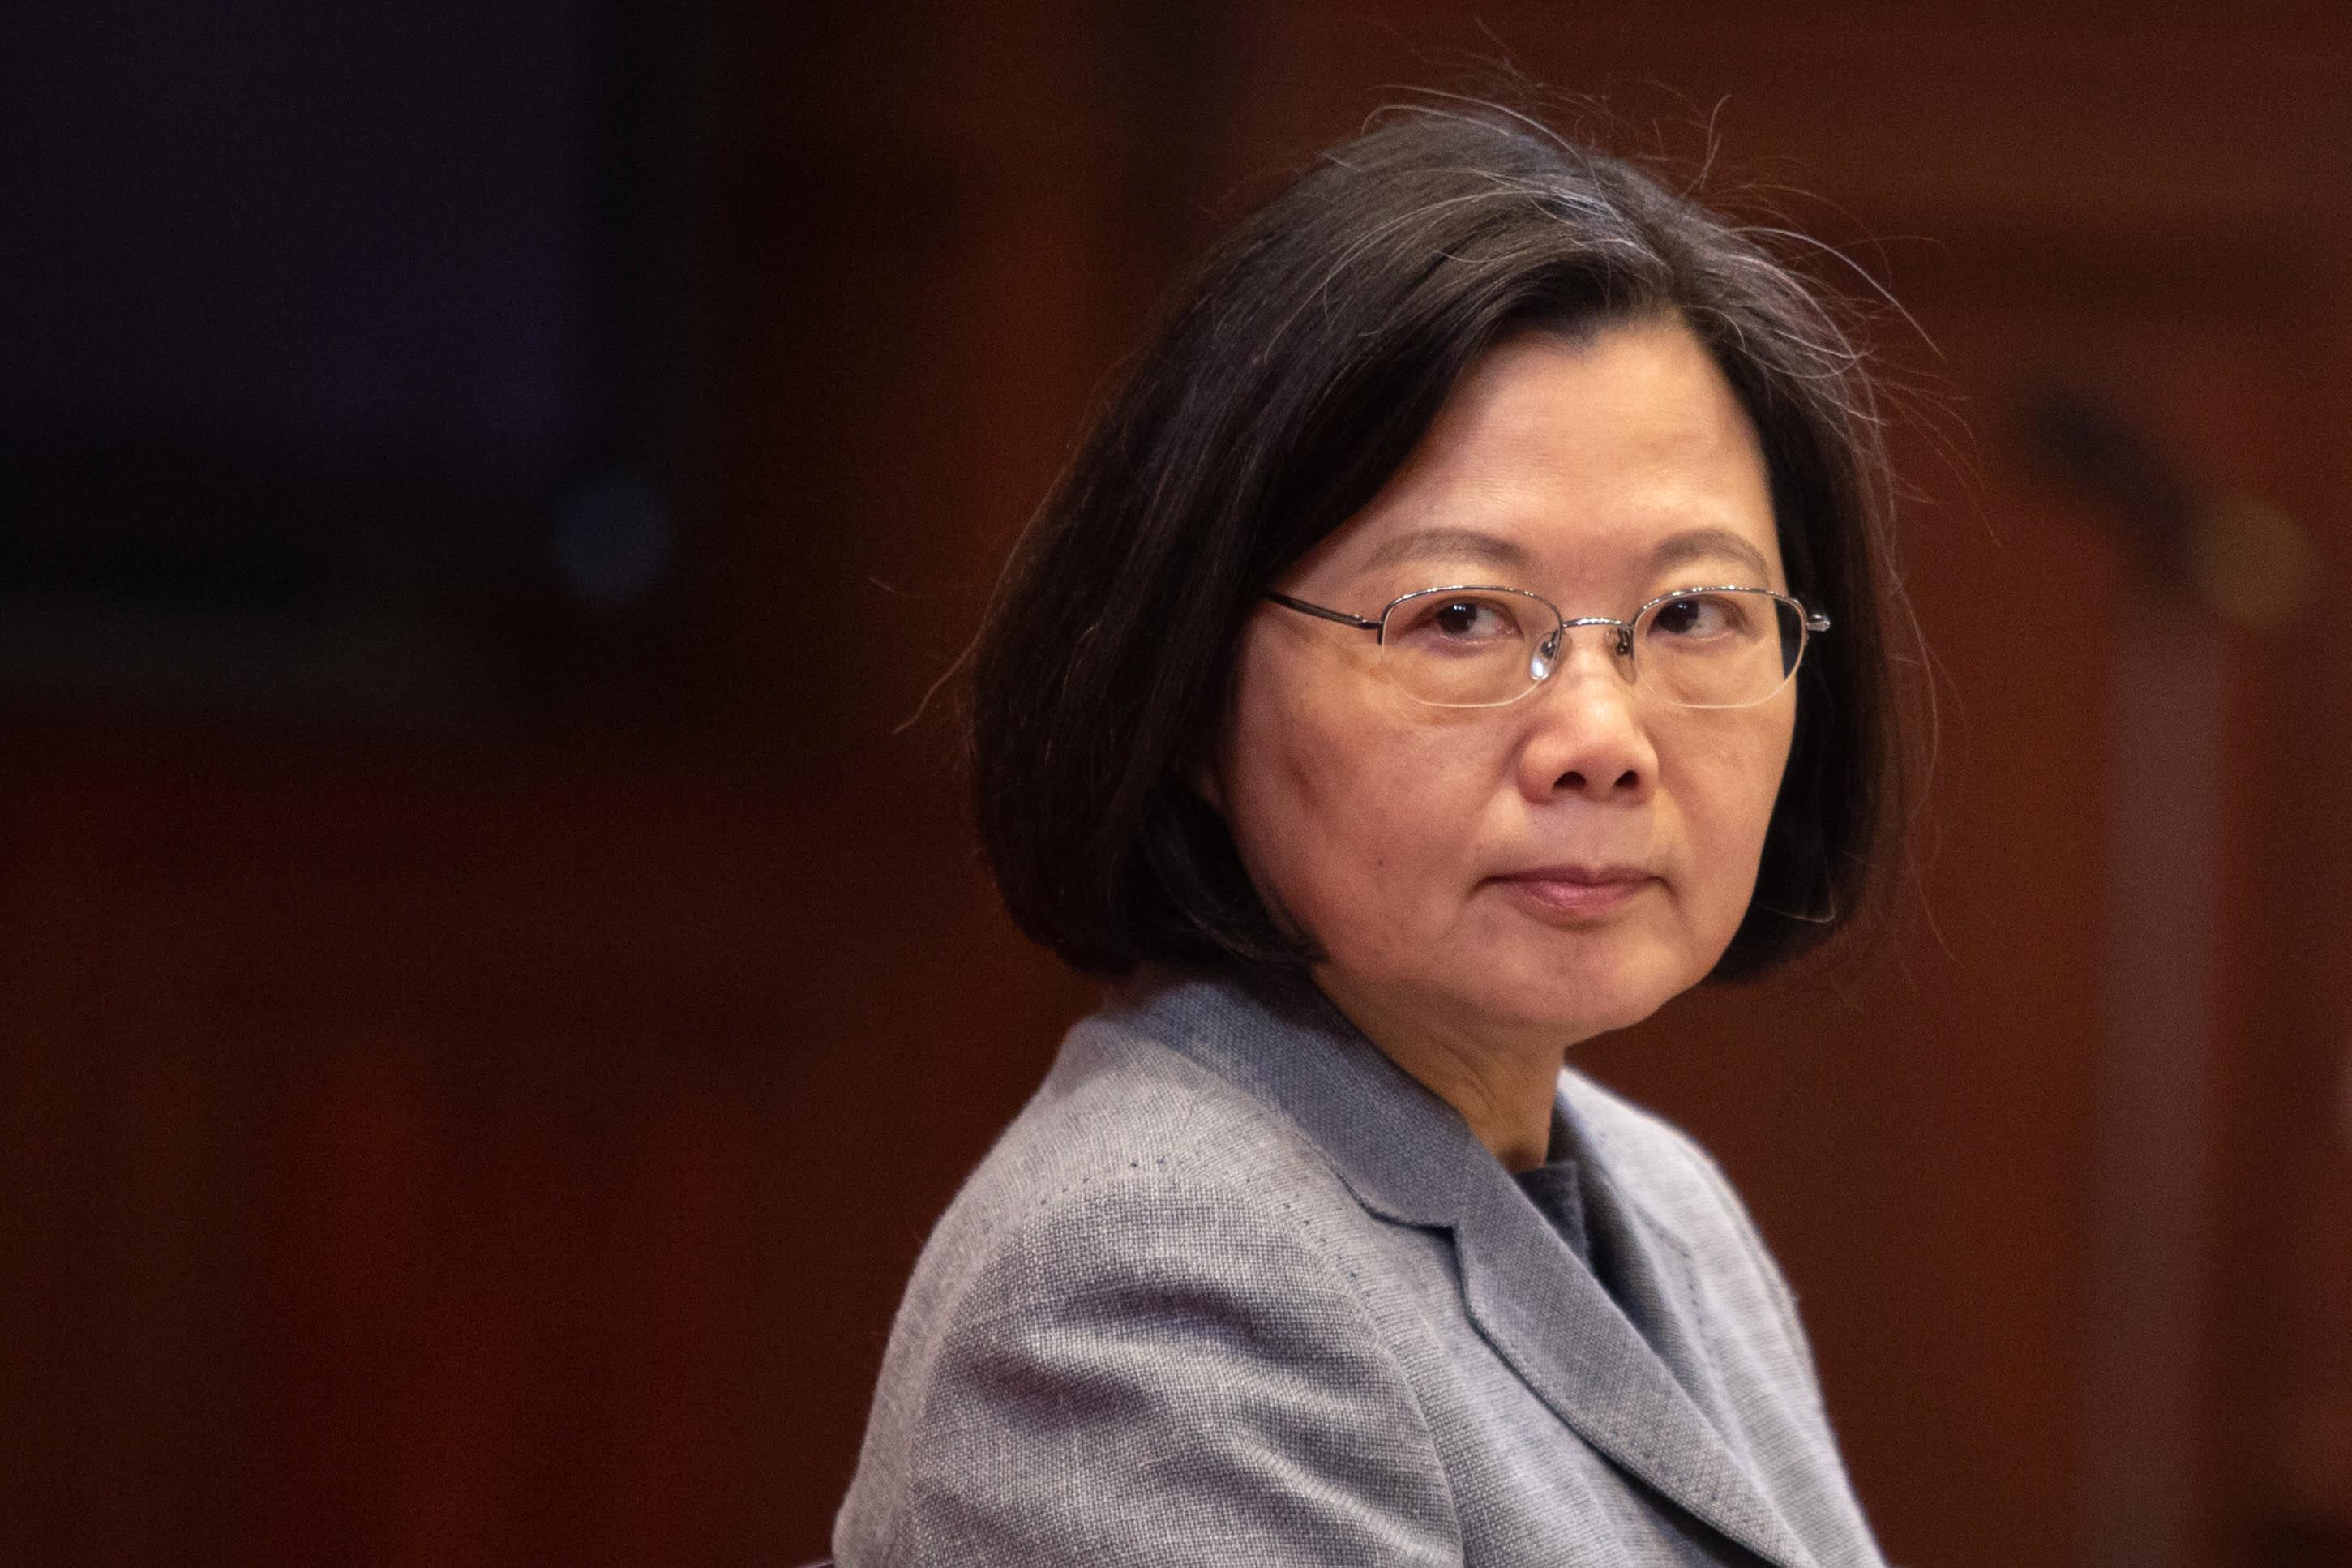 Taiwan's Tsai backs Hong Kongers after China proposes security law